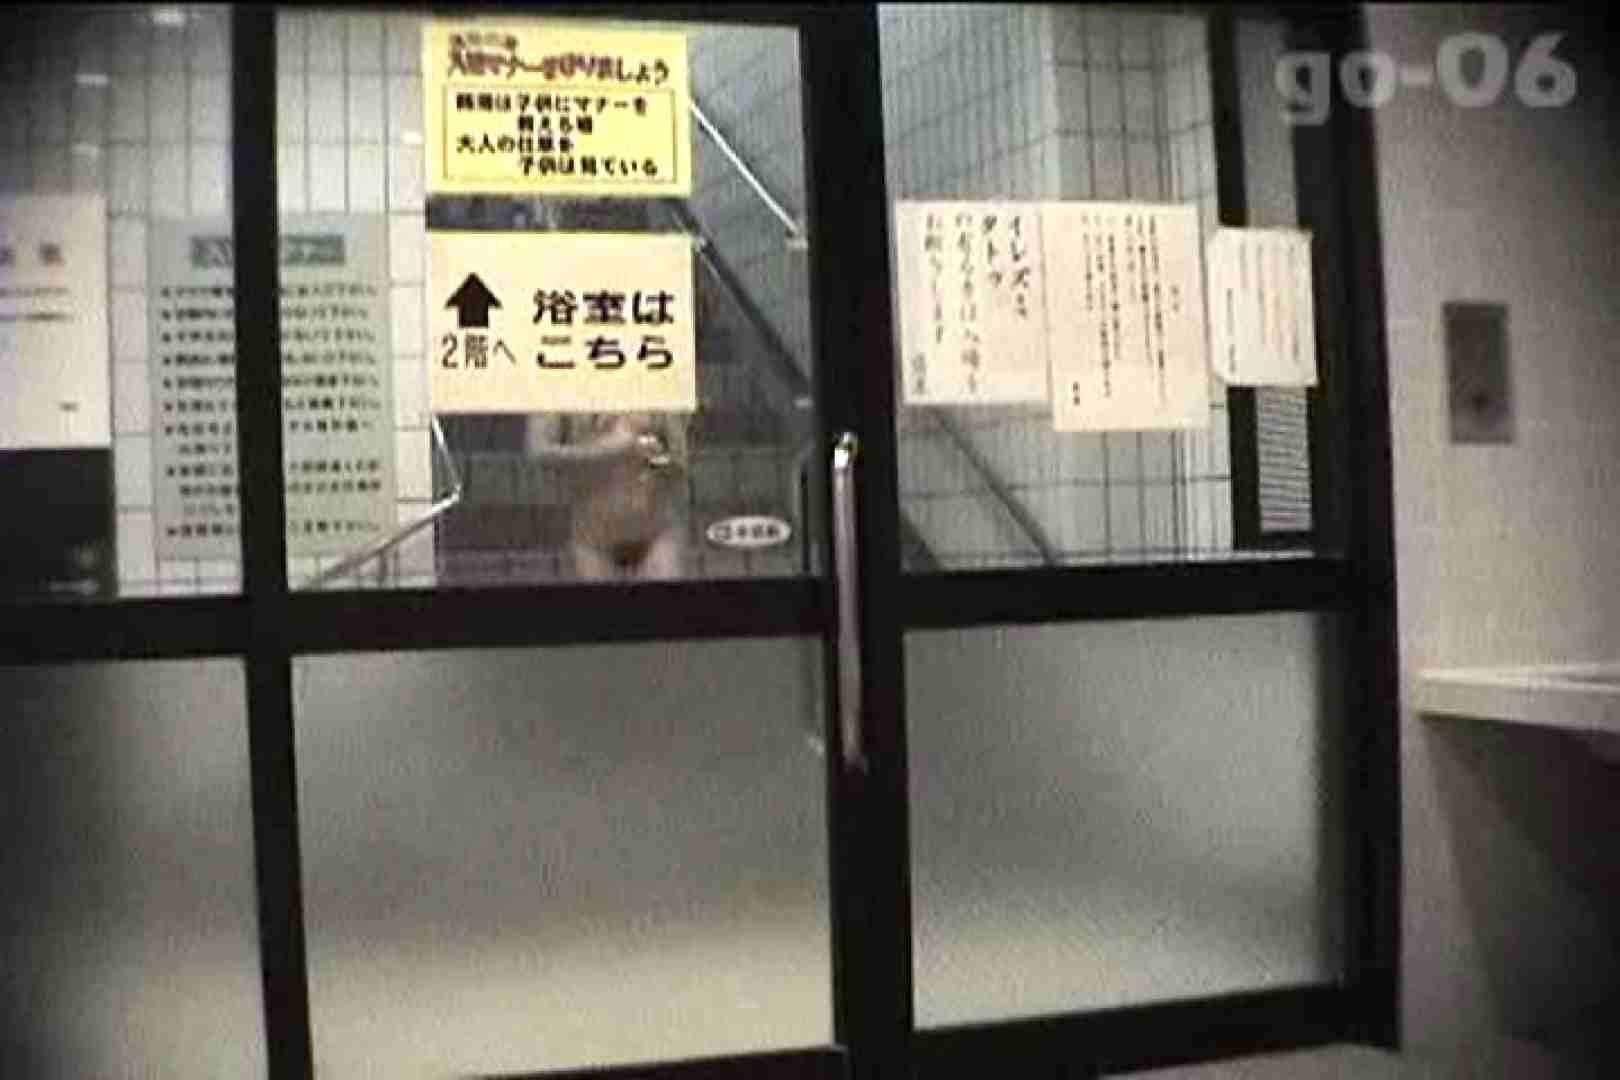 電波カメラ設置浴場からの防HAN映像 Vol.06 色っぽいOL達 オメコ無修正動画無料 71pic 59